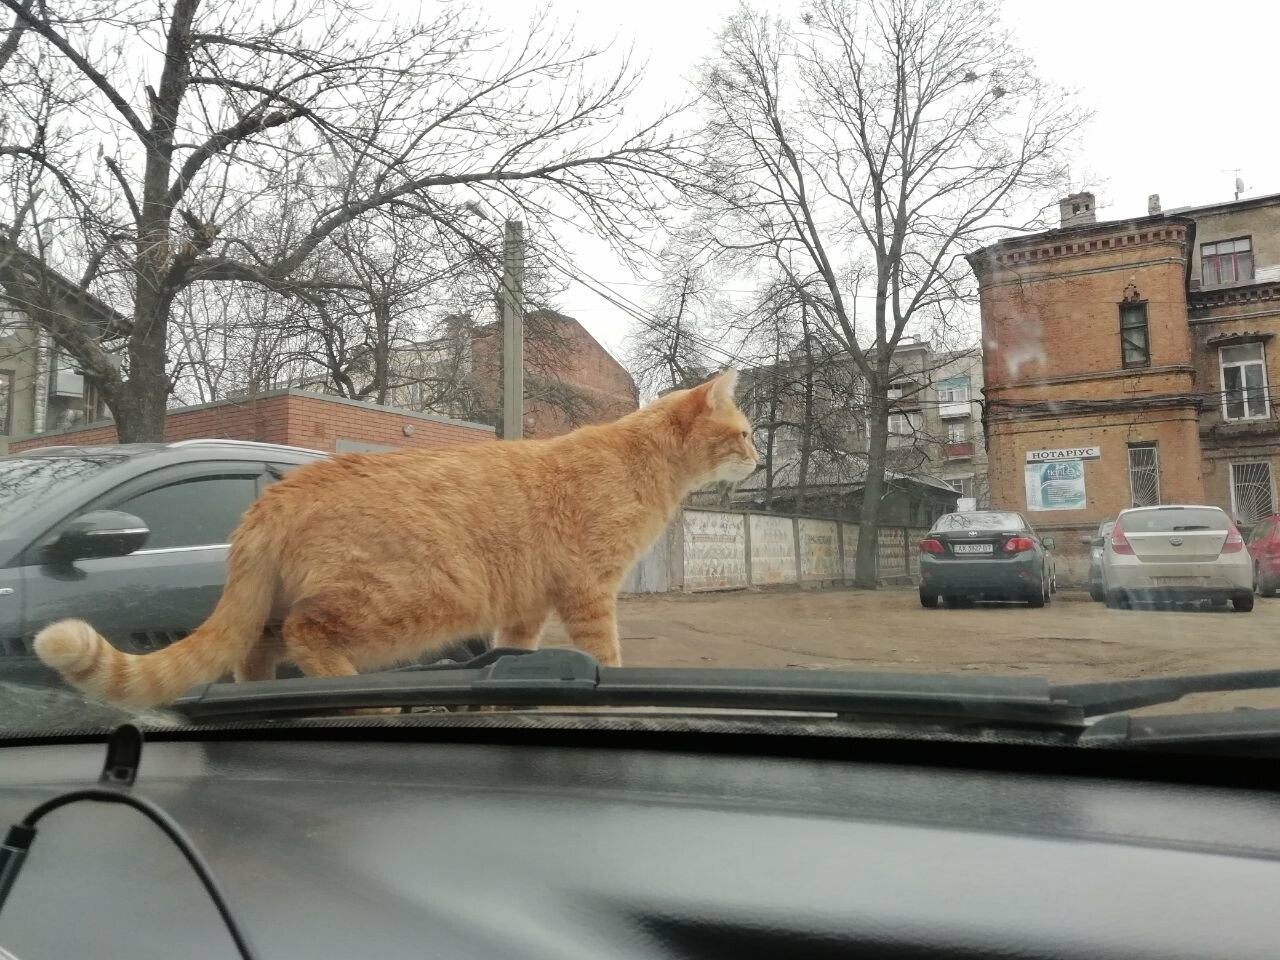 Поездка с котом и большие чаевые. Как харьковский таксист с питомцем возит пассажиров, - ФОТО, фото-11